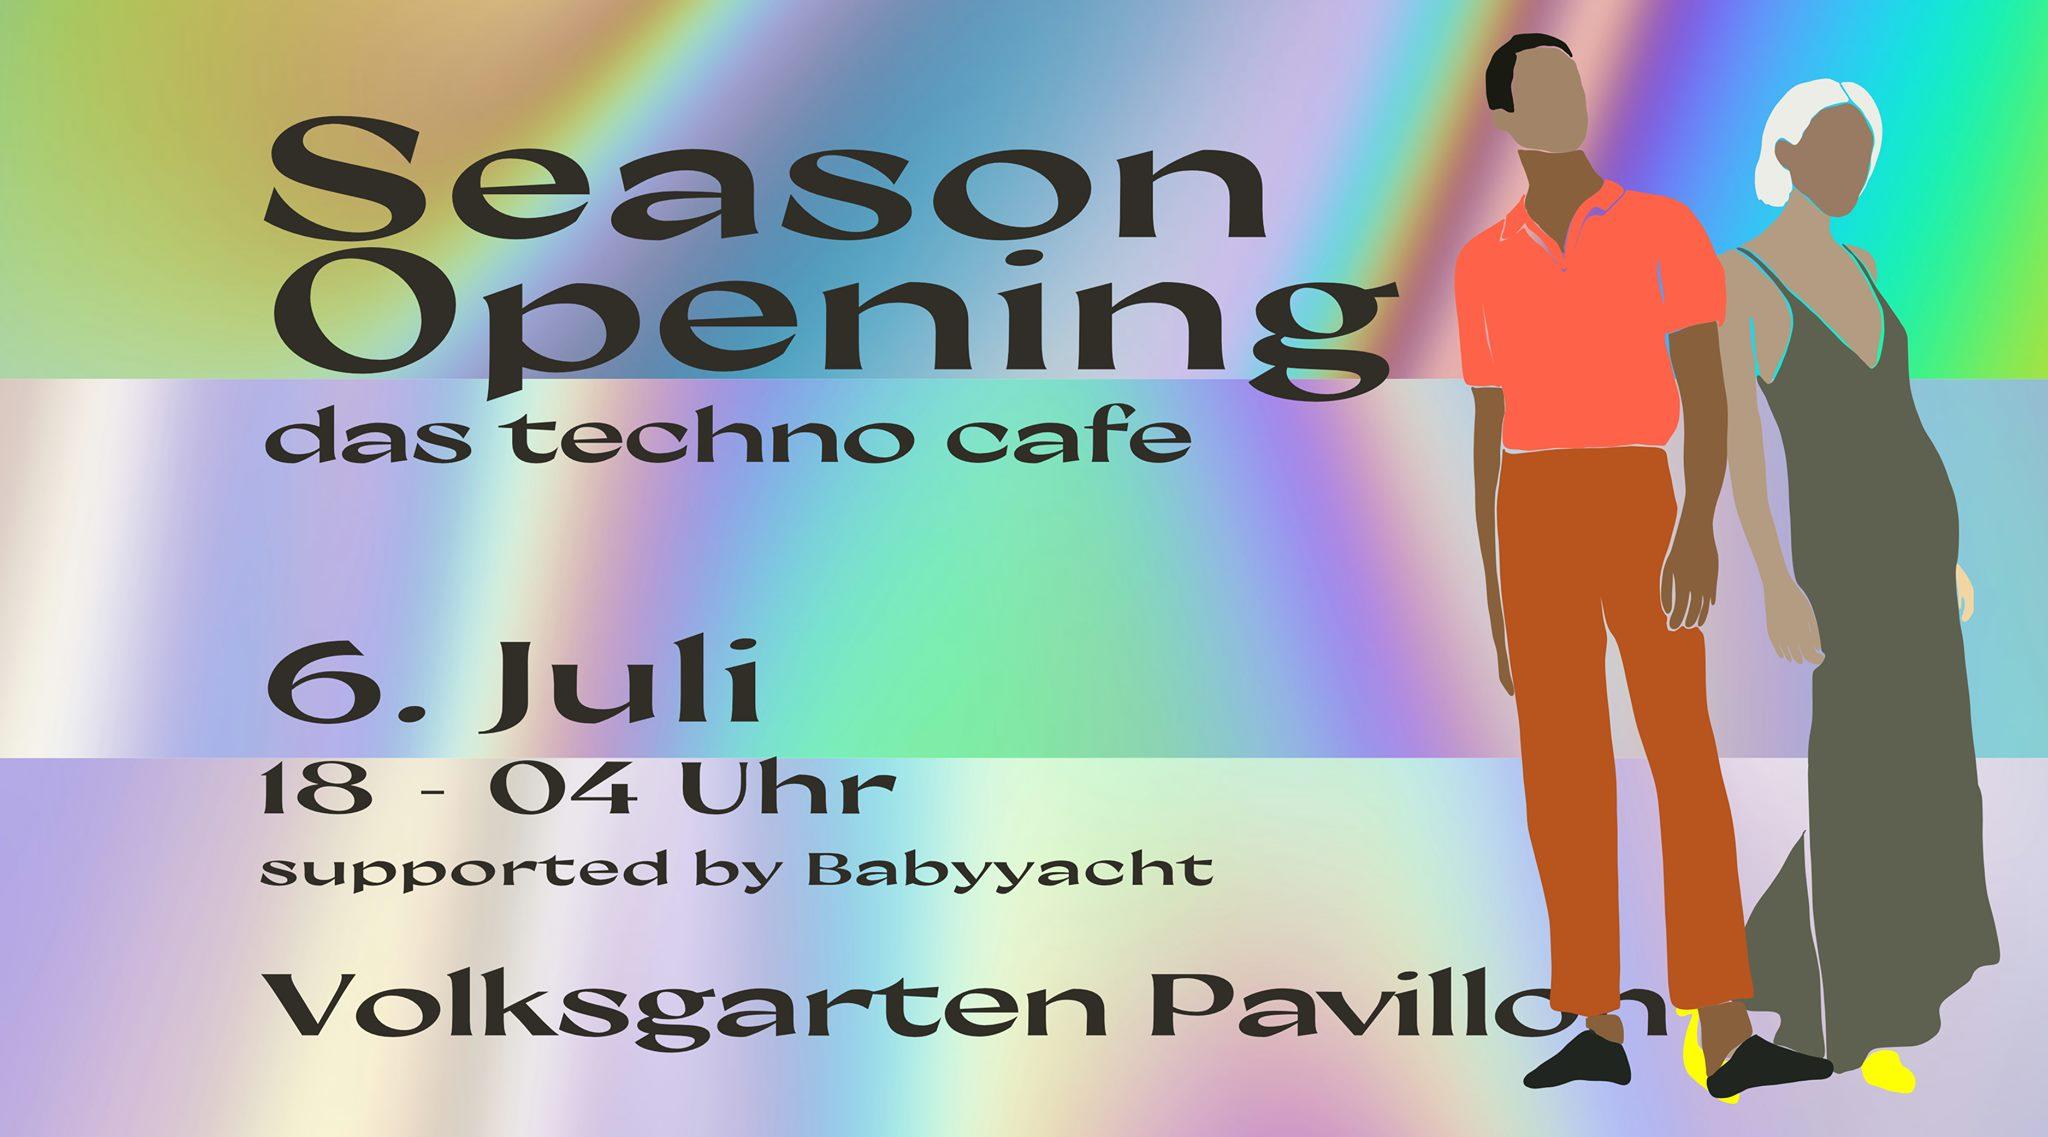 Events Wien: Season Opening das techno cafe